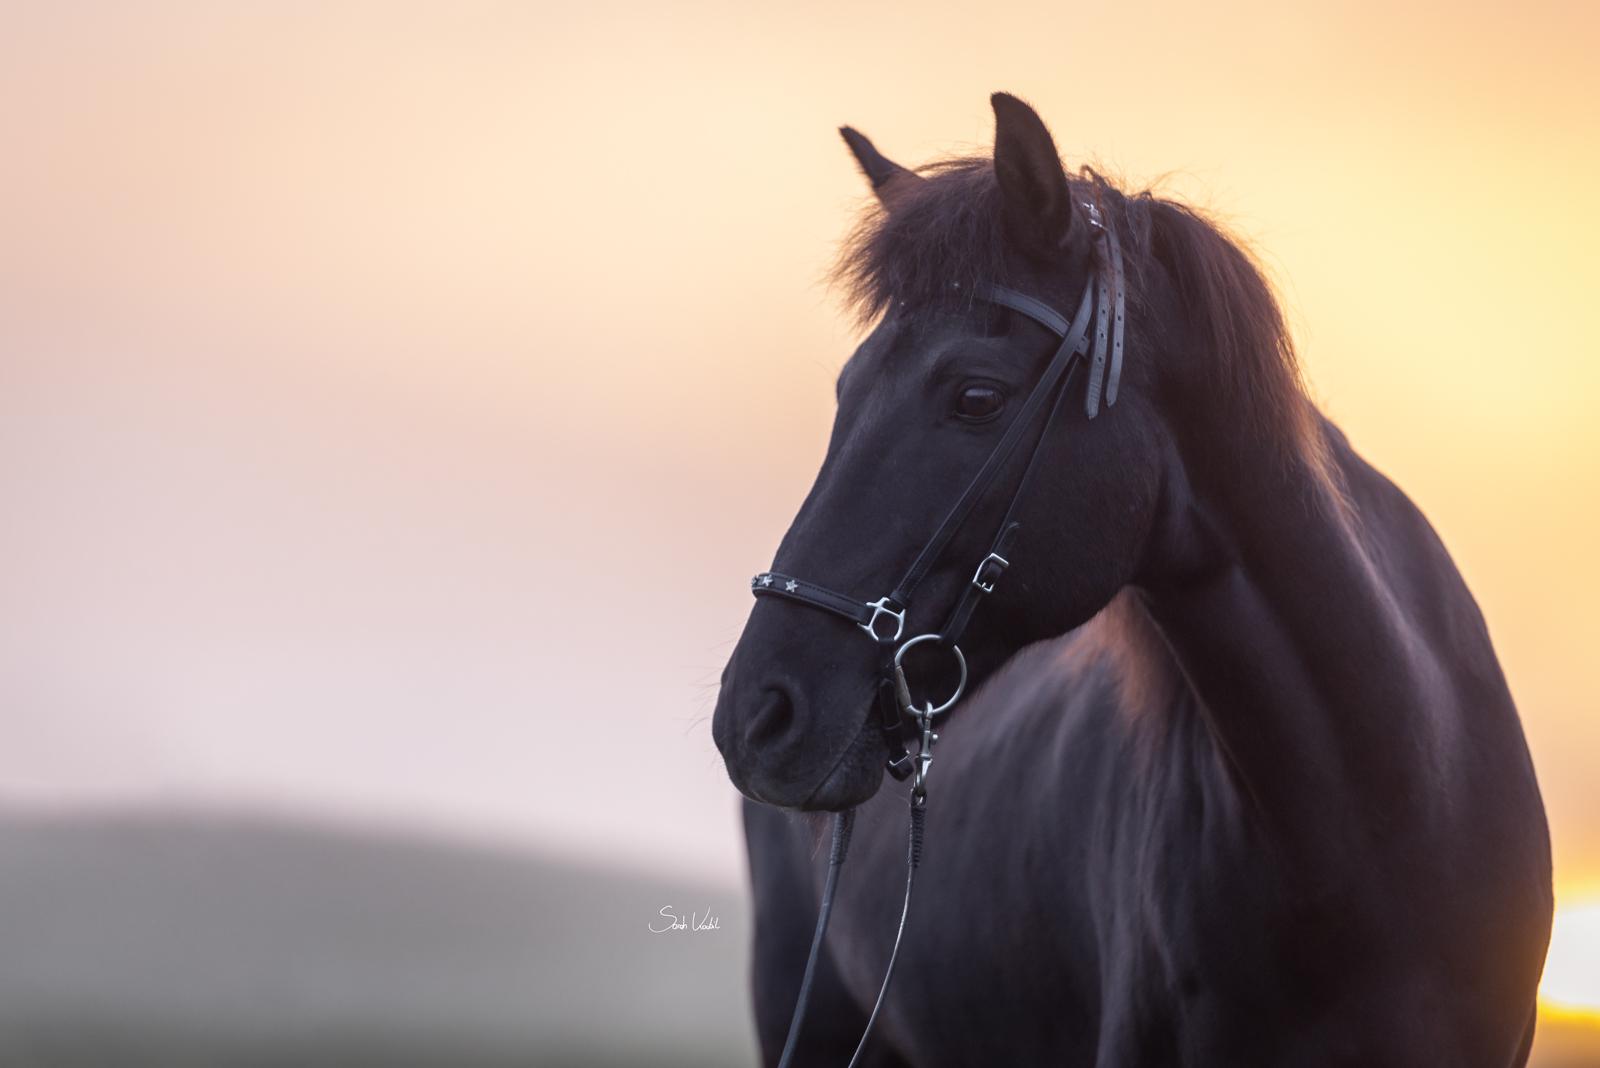 Pferdefotoshooting im Morgenrot bei Nebel und Sonnenaufgang mit schwarzem Isländer Thjotandi | Sarah Koutnik Fotografie | Pferdefotografie München Krailling Starnberg Bayern